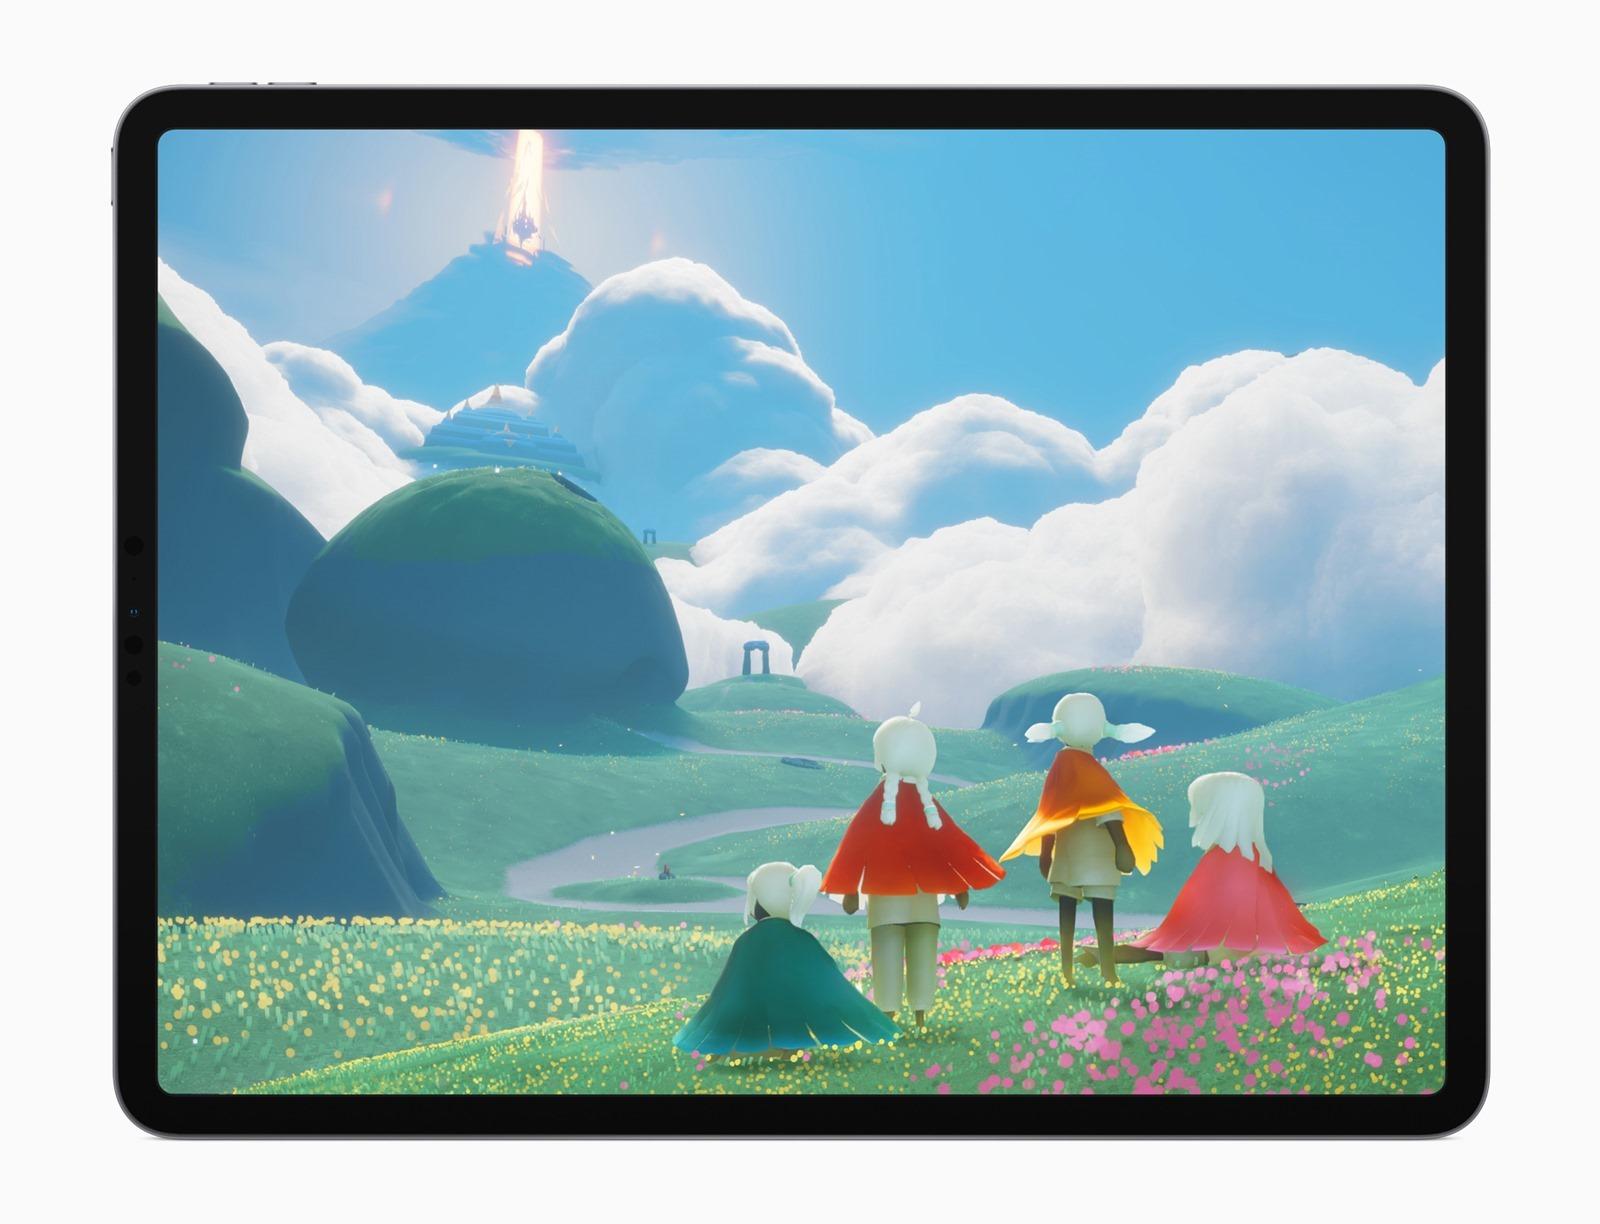 最出色的遊戲與程式就是他們!Apple 授予八位開發者年度 Apple Design Awards 殊榮 @3C 達人廖阿輝